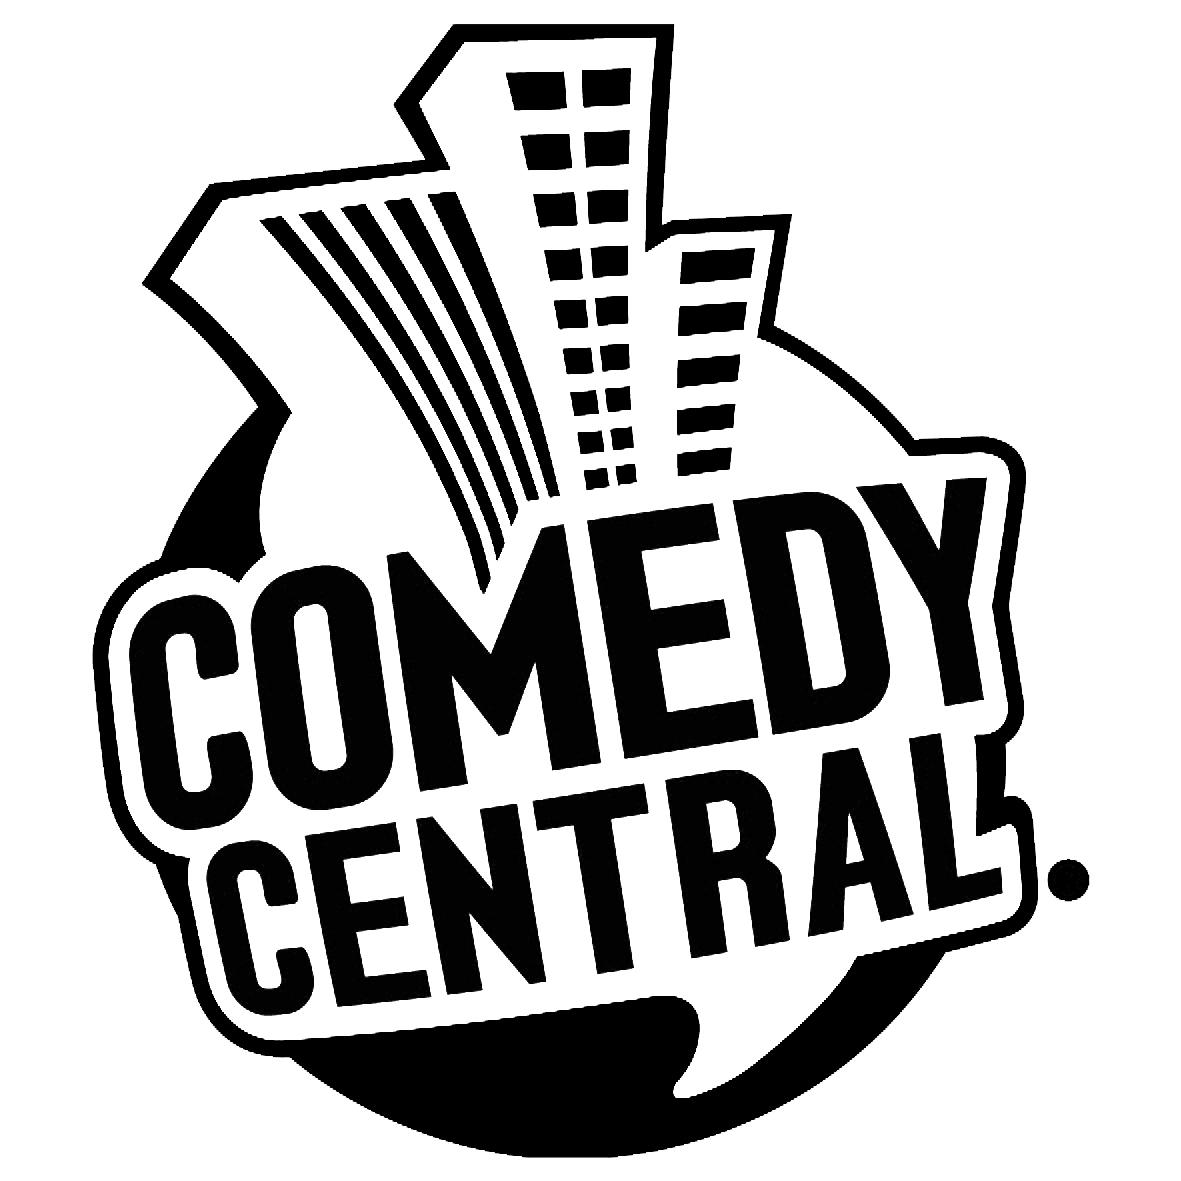 Comedy: Design Practice: Comedy Central Logo